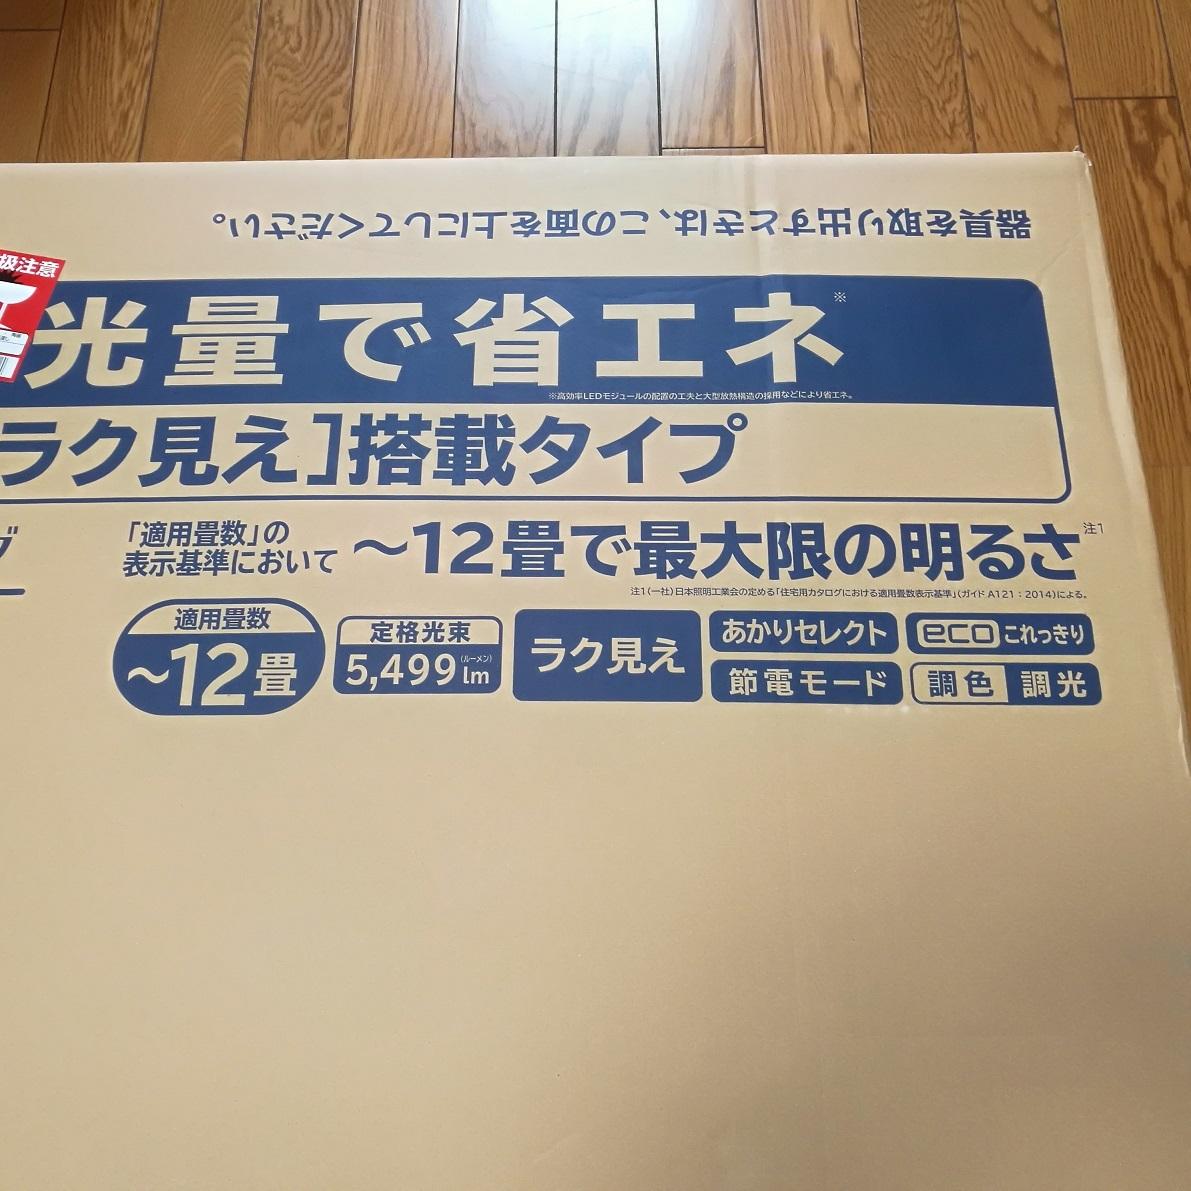 【新品未開封】日立 HITACHI LEC-AHS1210F [LEDシーリングライト 12畳 センサータイプ]_画像3